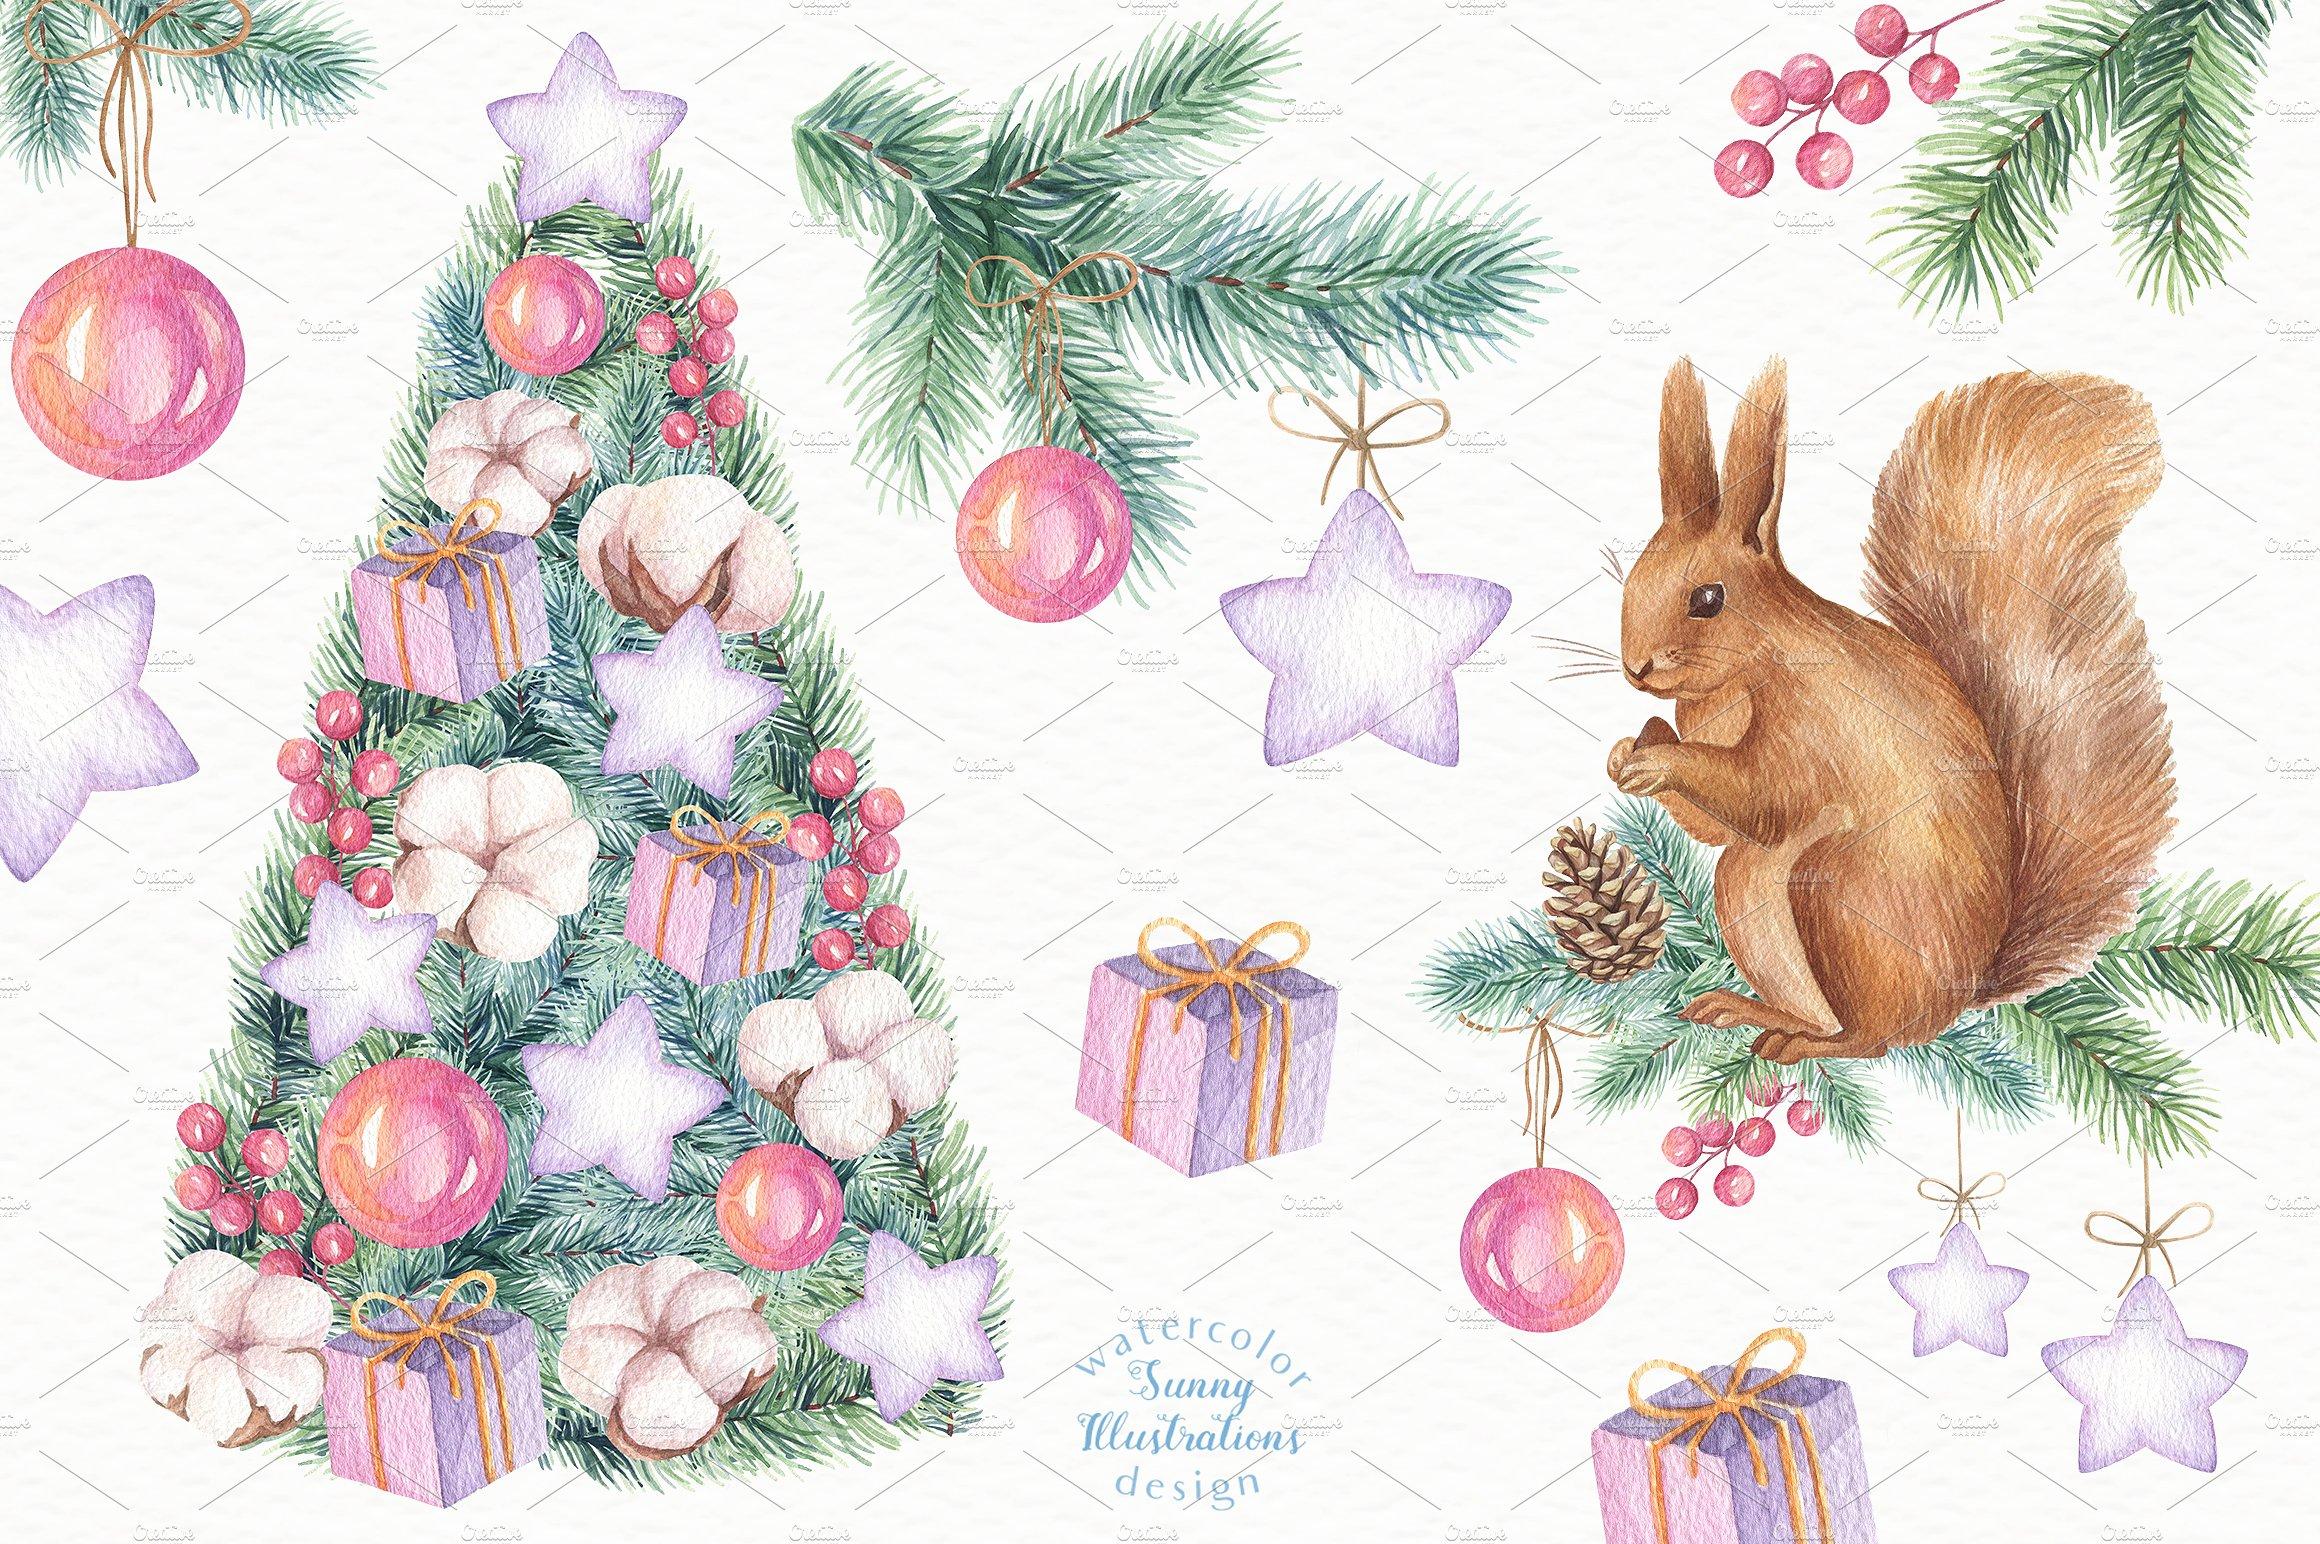 Merry Christmas Collection III example image 4